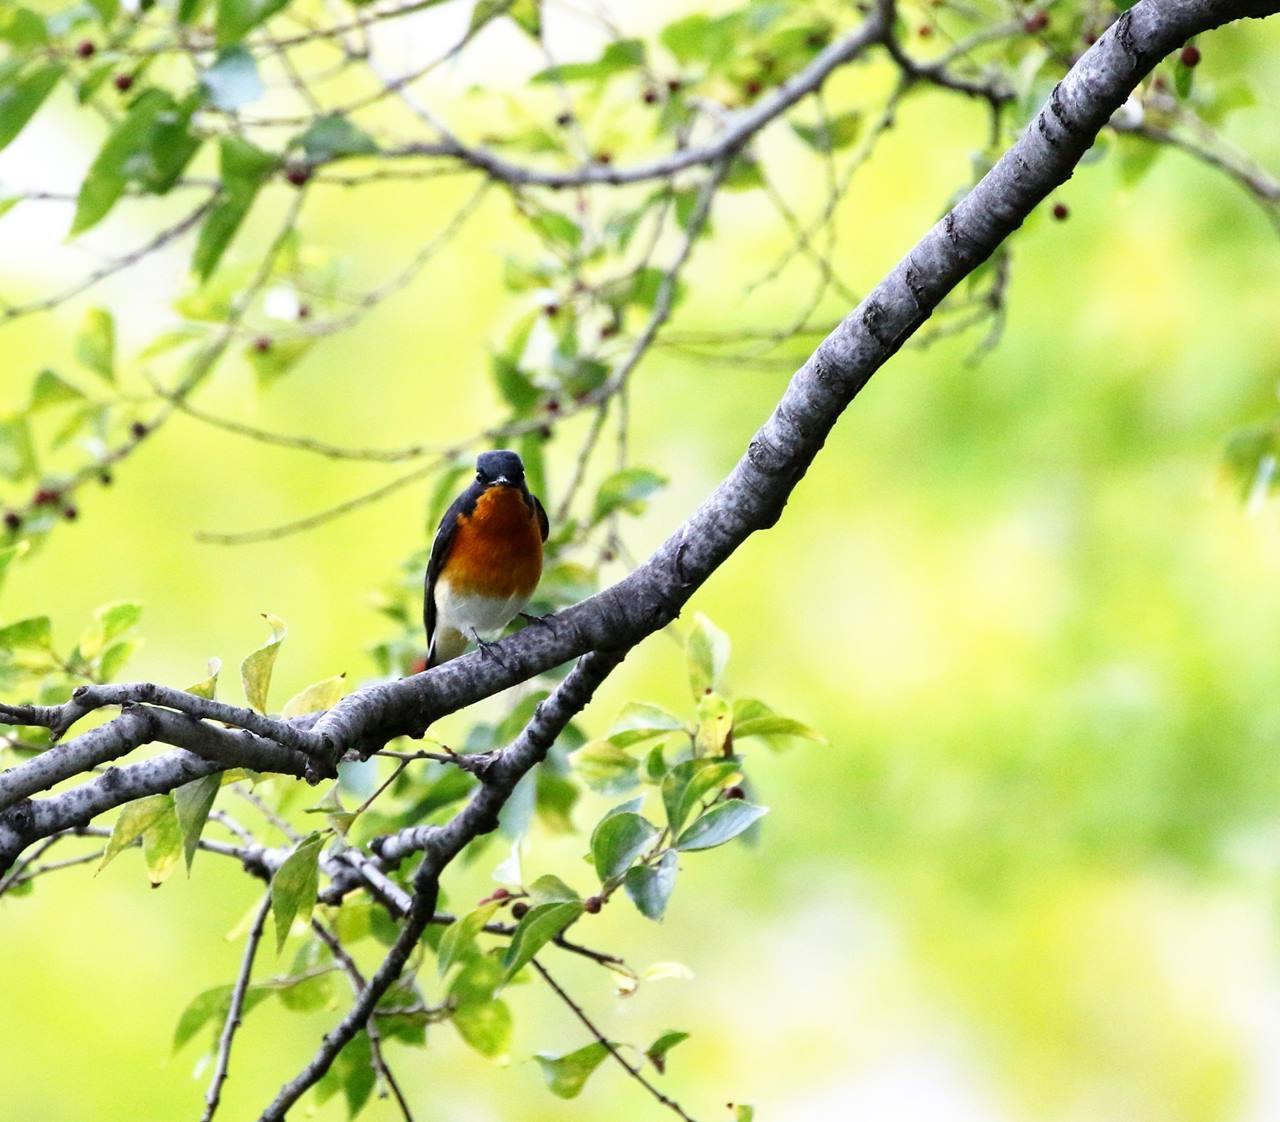 やっとムギマキ♂成鳥に出会う(その2)_c0213607_11385385.jpg